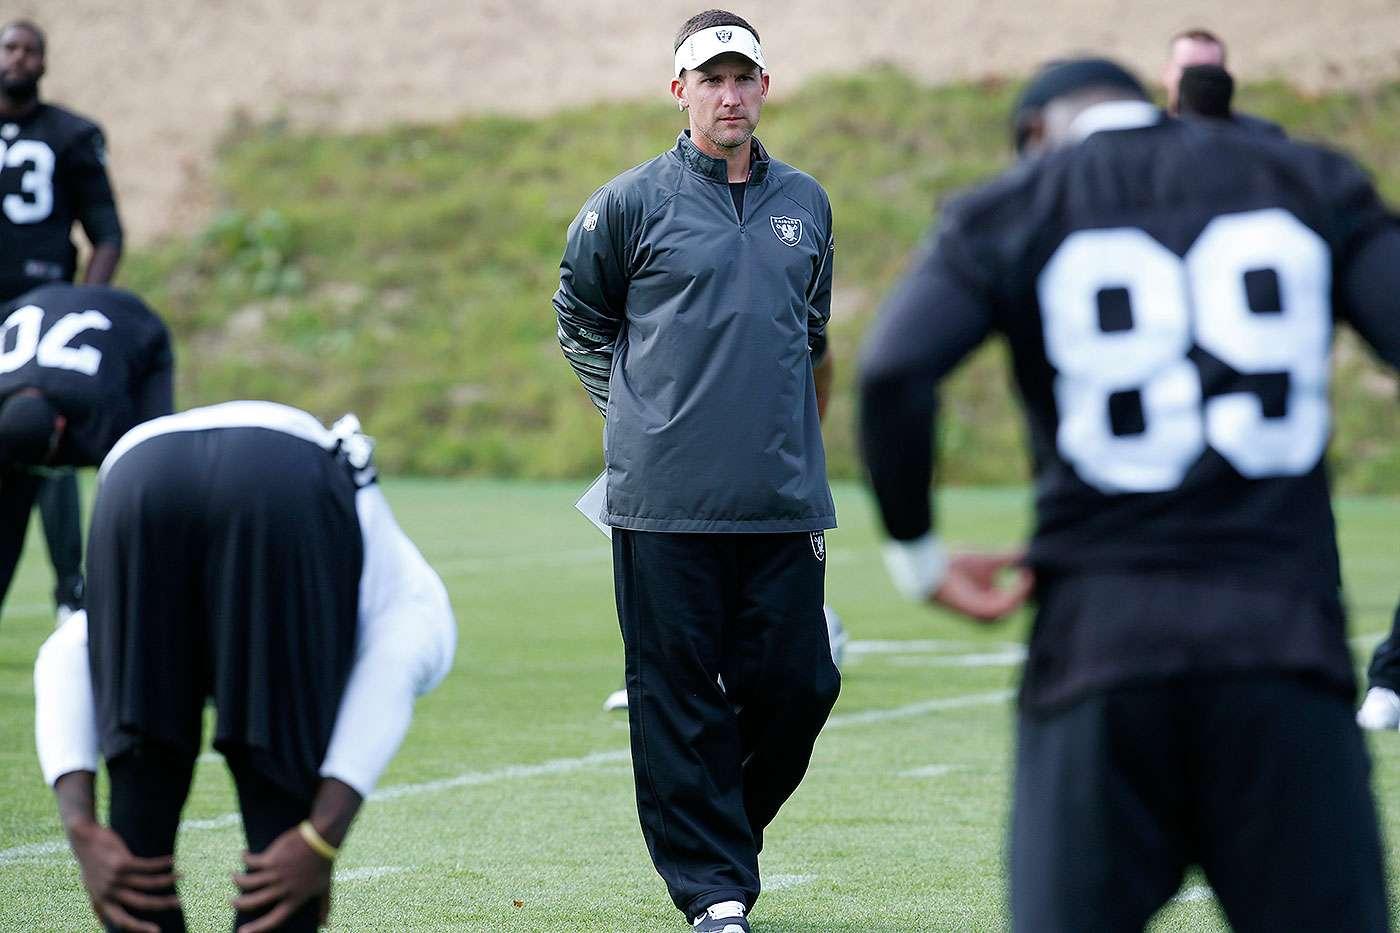 Dennis Allen, entrenador en jefe de los Oakland Raiders, fue despedido tras sumar una marca de 8 ganados y 28 perdidos en sus últimos tres años como entrenador en la NFL. Foto: AP